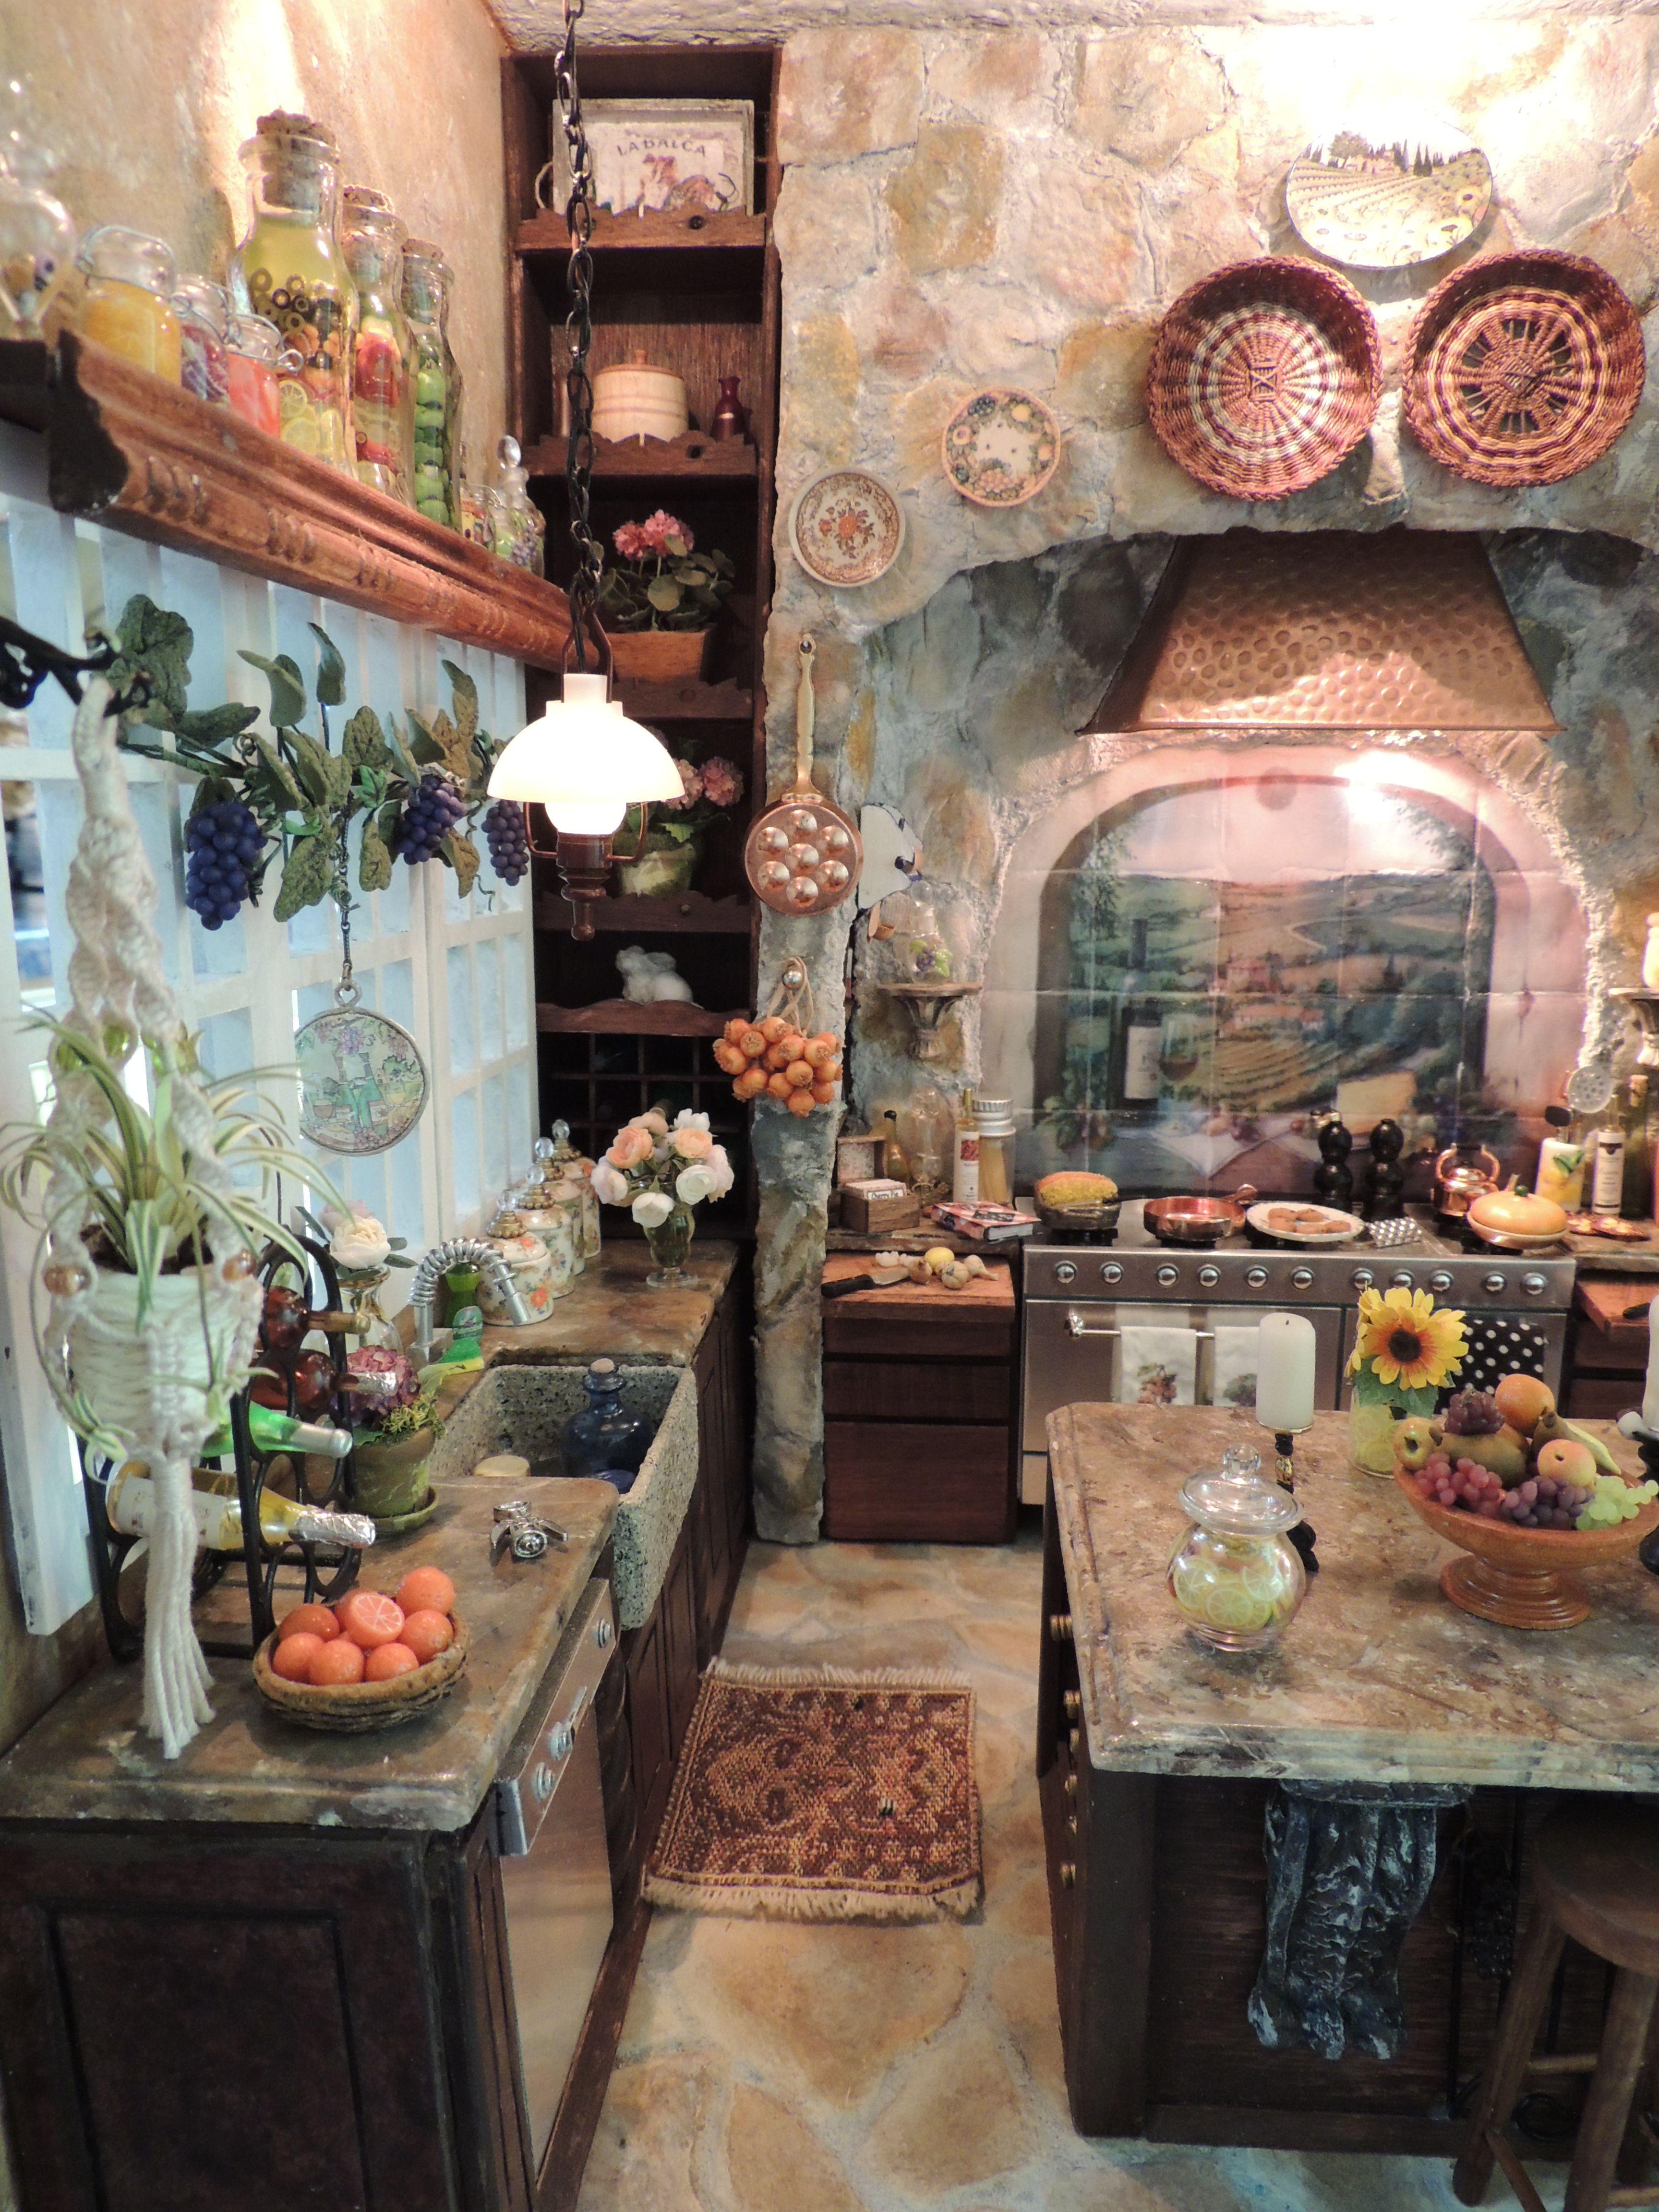 Kammys Creations.....My Miniature Tuscan Kitchen Roombox 1:12 ...